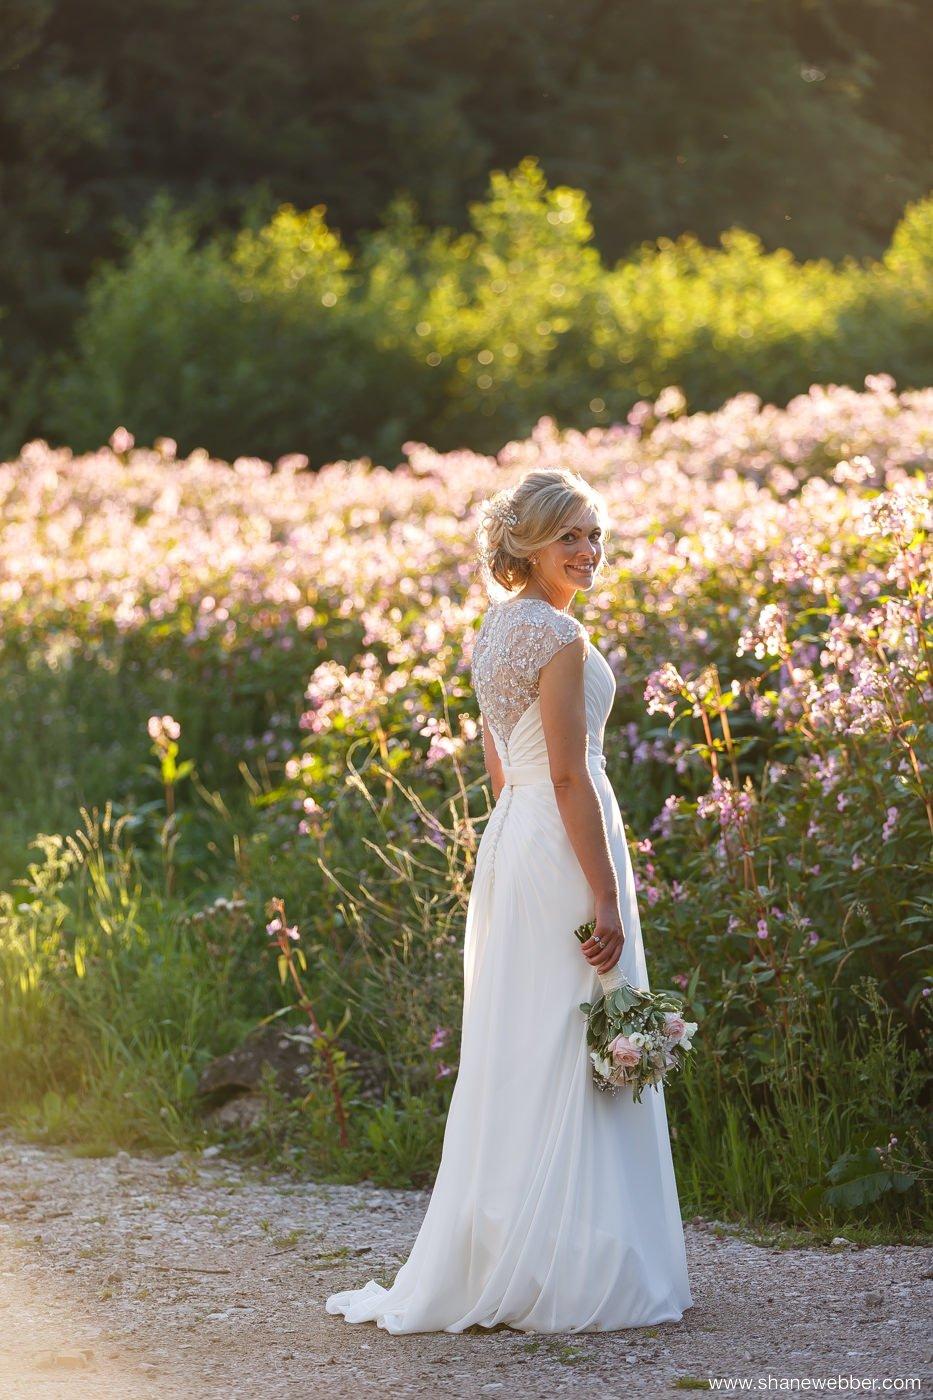 Natrual wedding photography